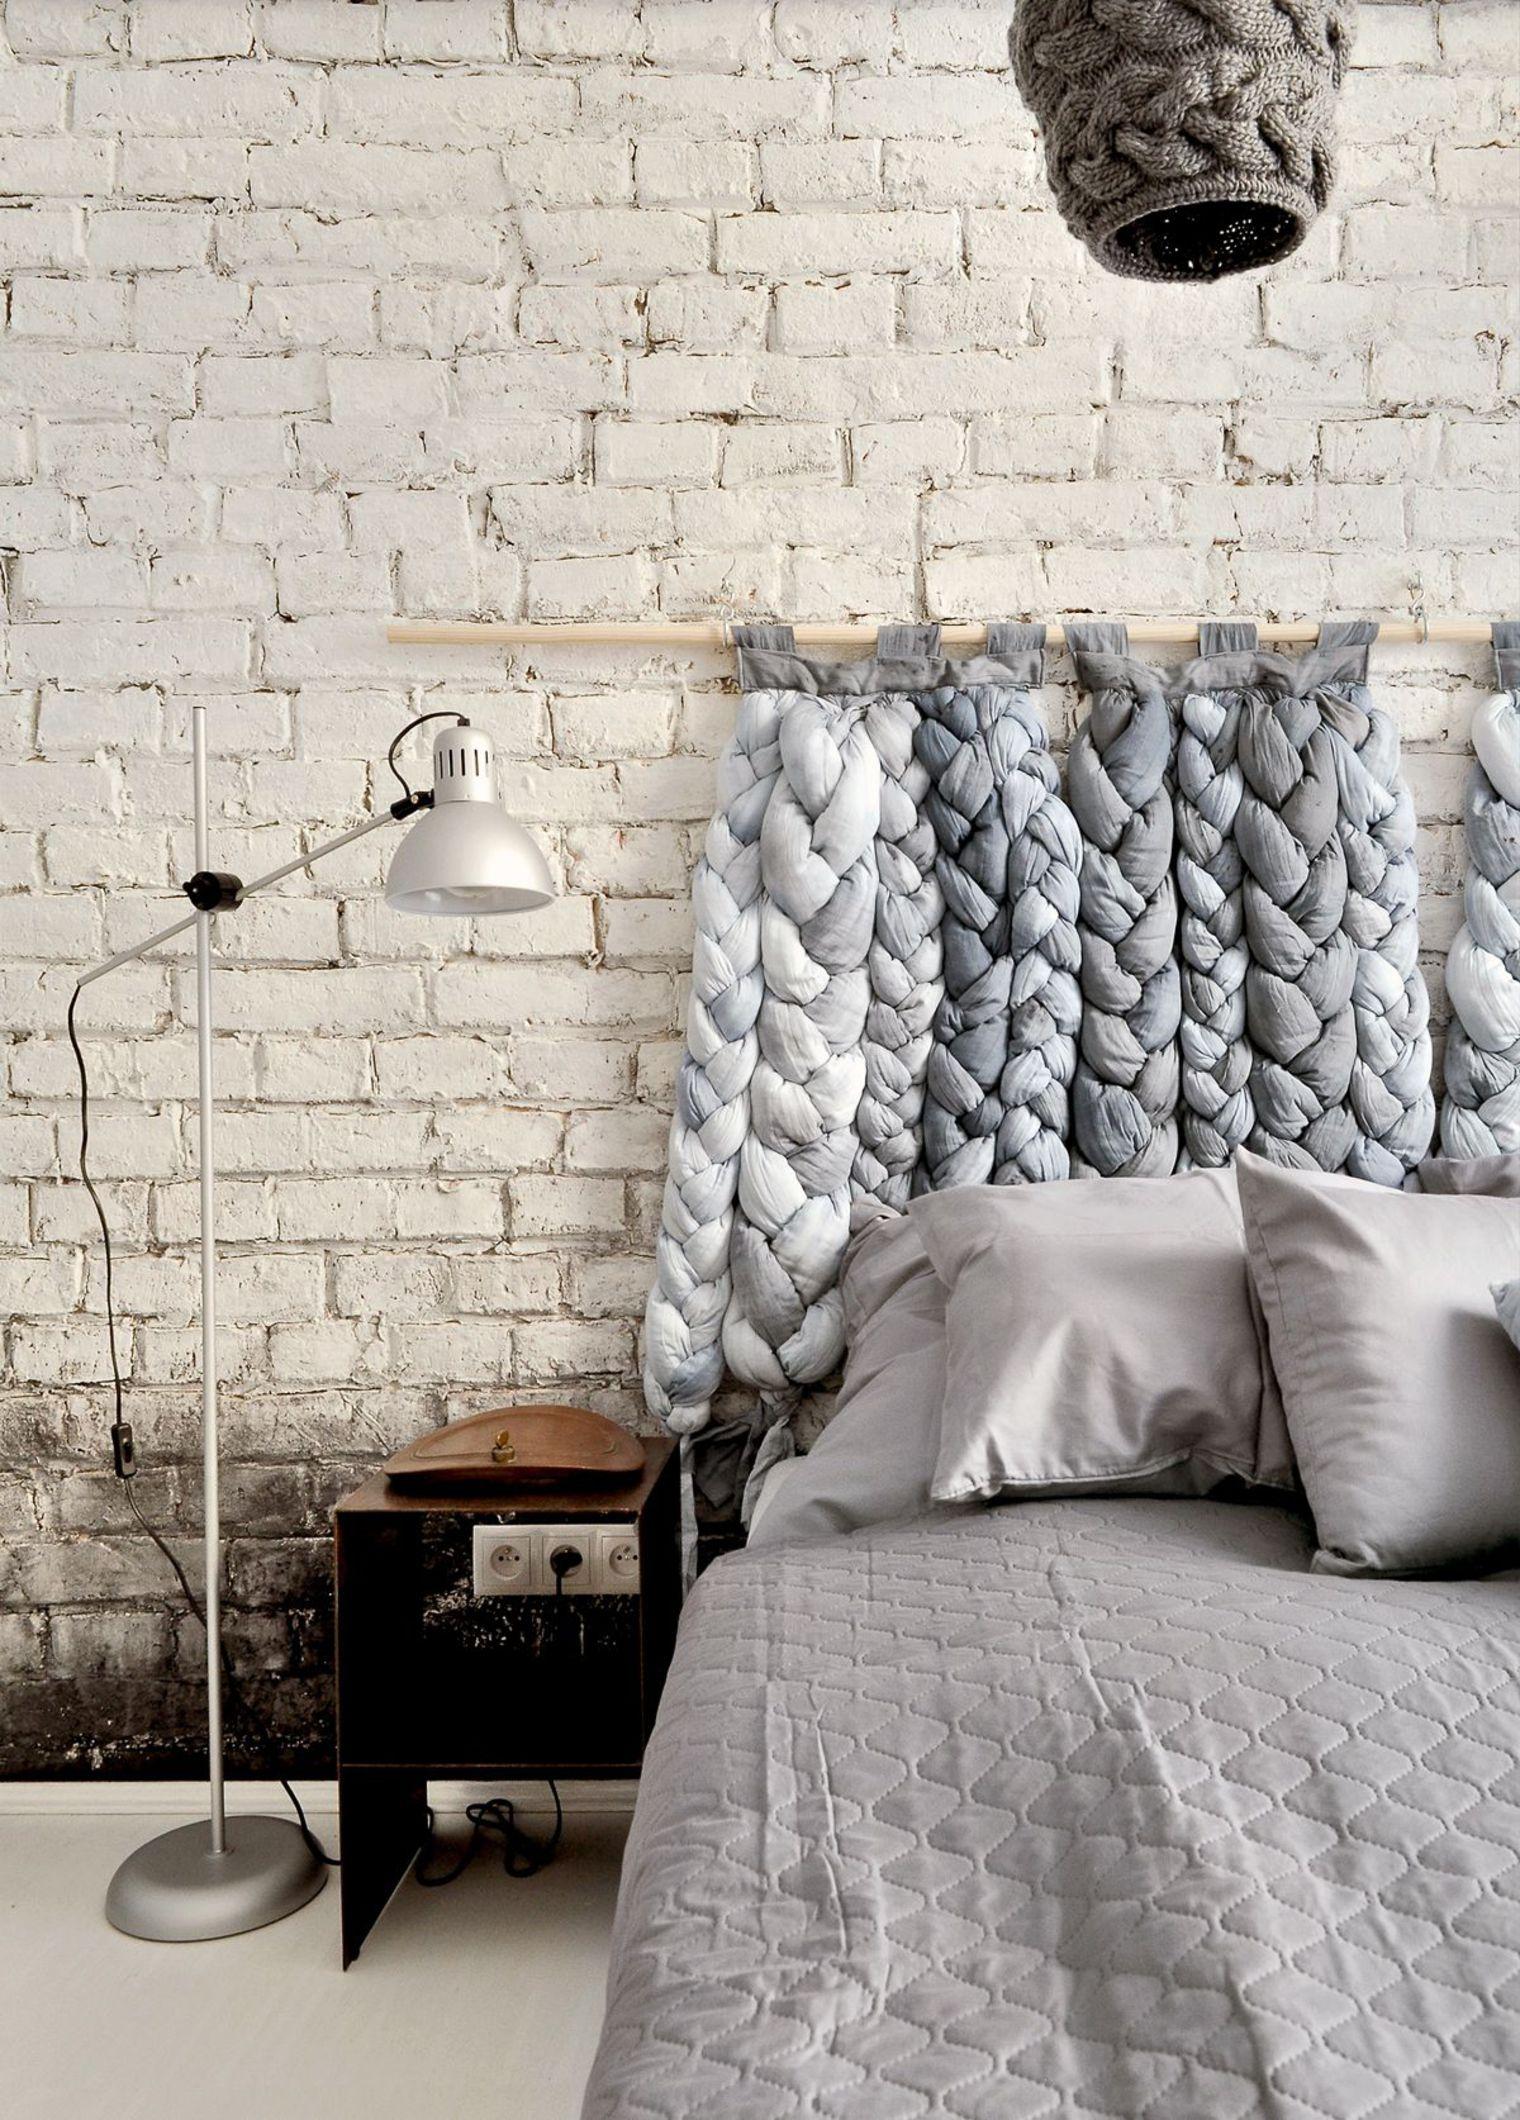 12 id es pour d corer votre t te de lit - Tete de lit a faire soi meme en tissu ...